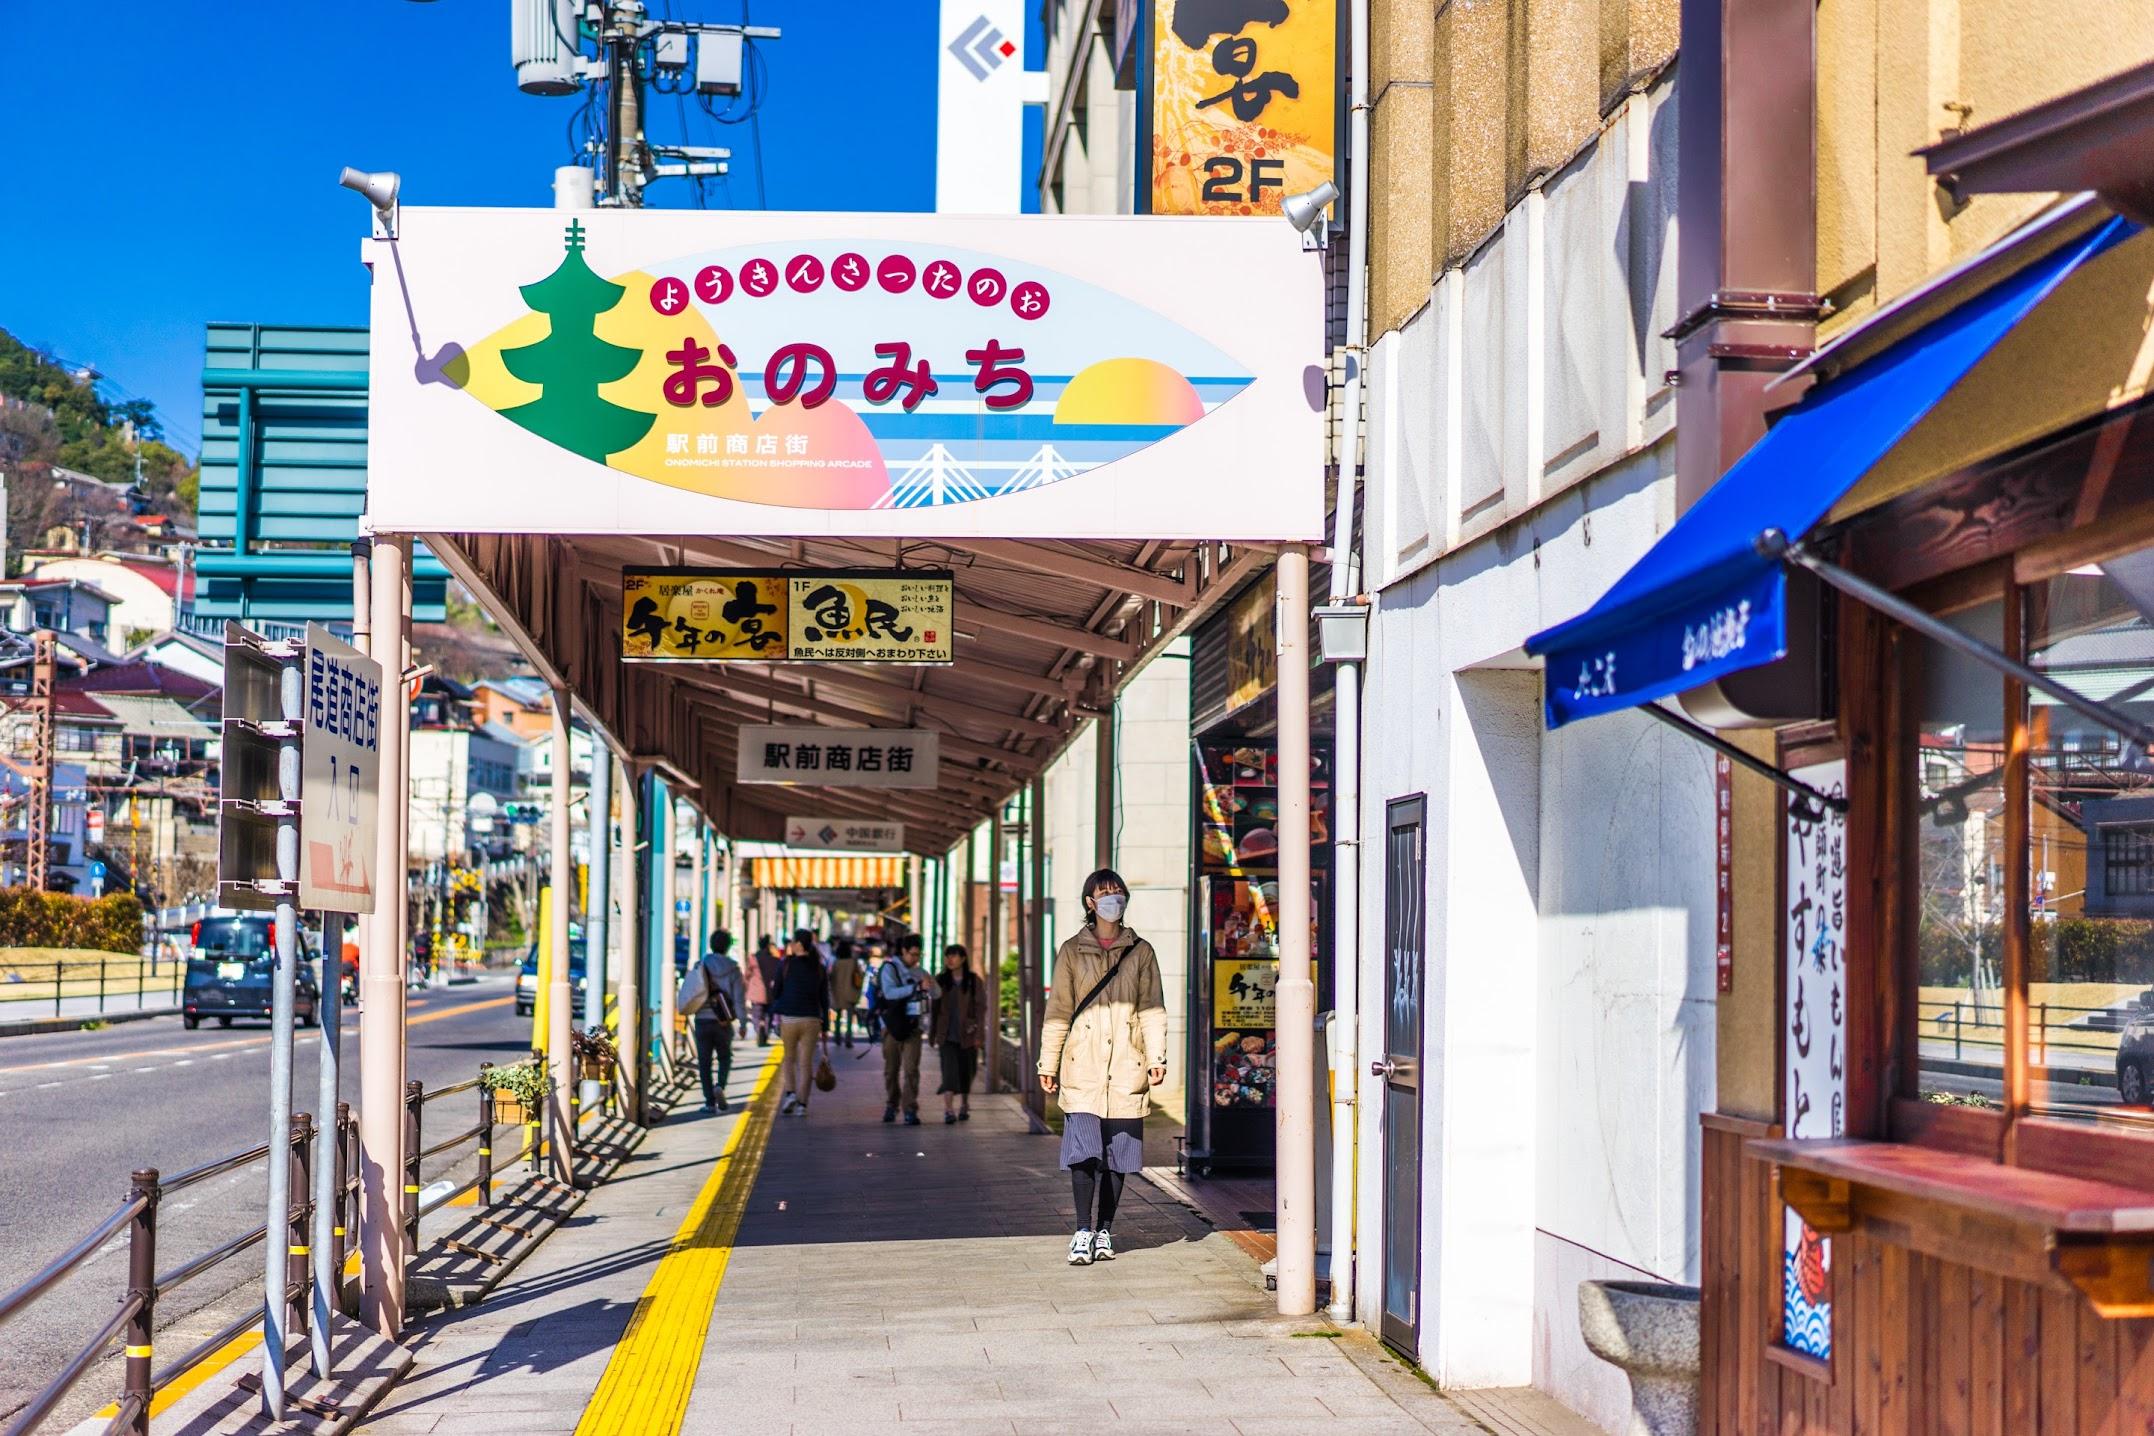 尾道 駅前商店街